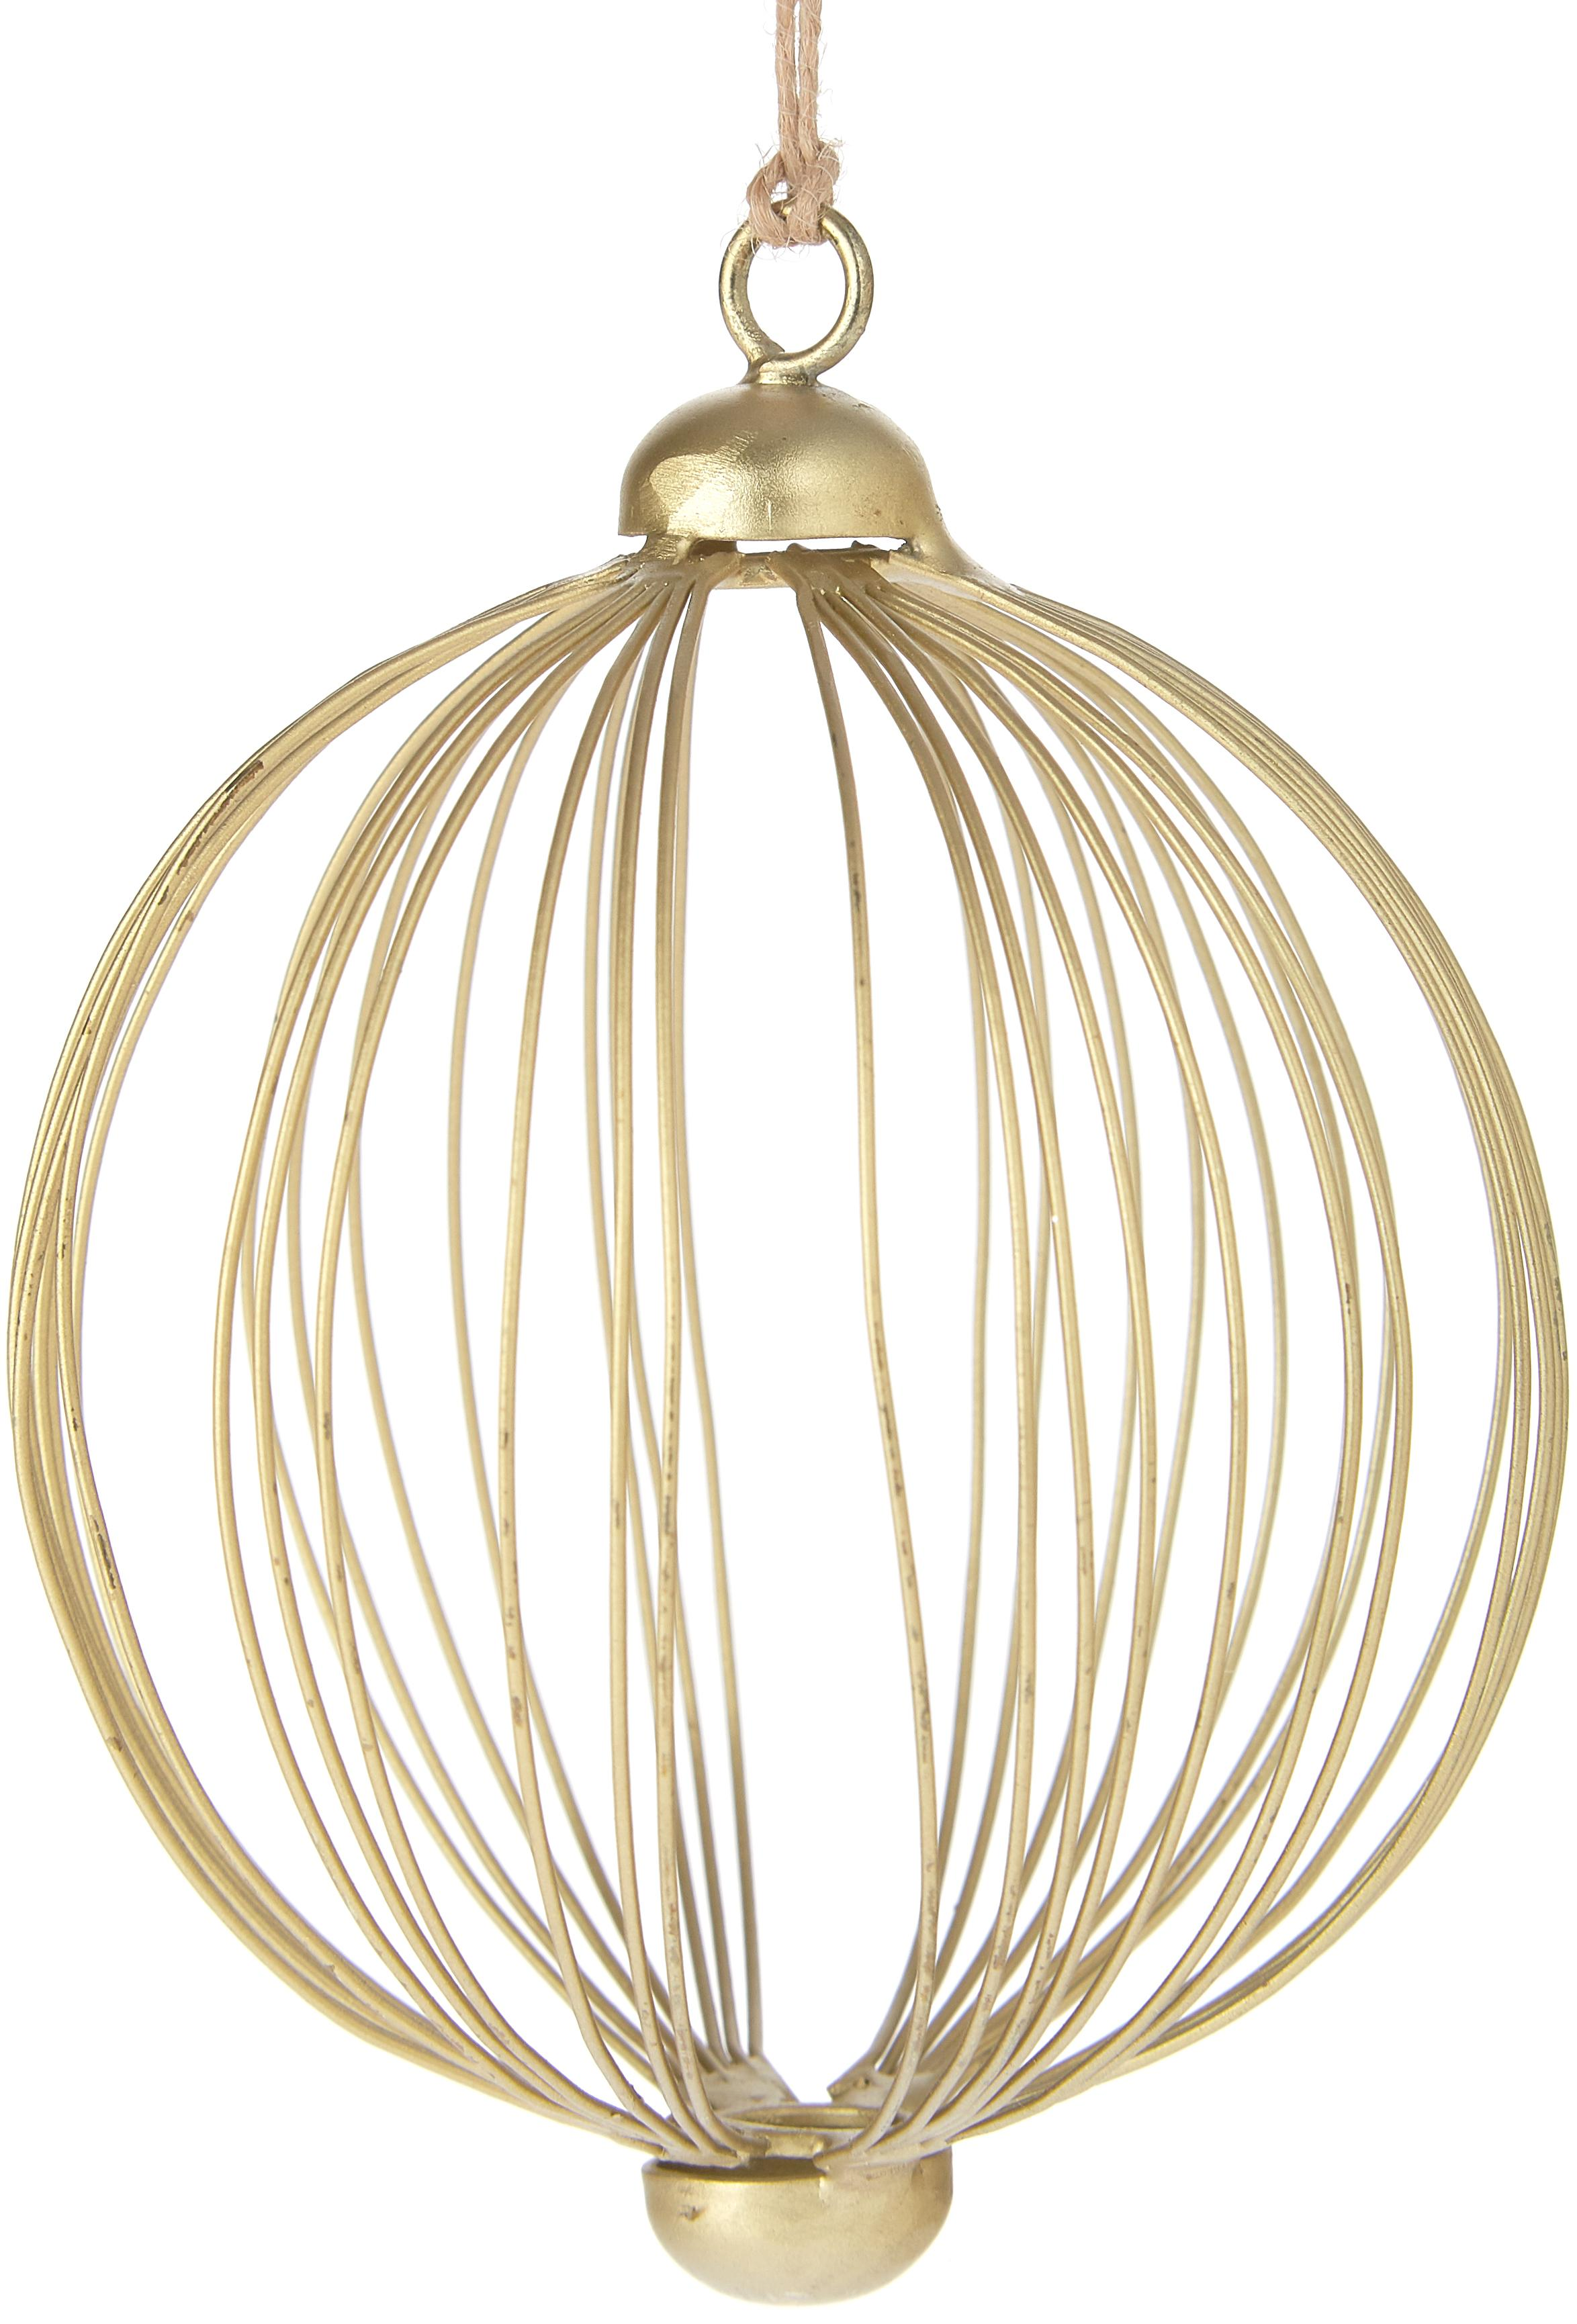 Baumanhänger Twine, 2 Stück, Metall, lackiert, Goldfarben, Ø 10 cm